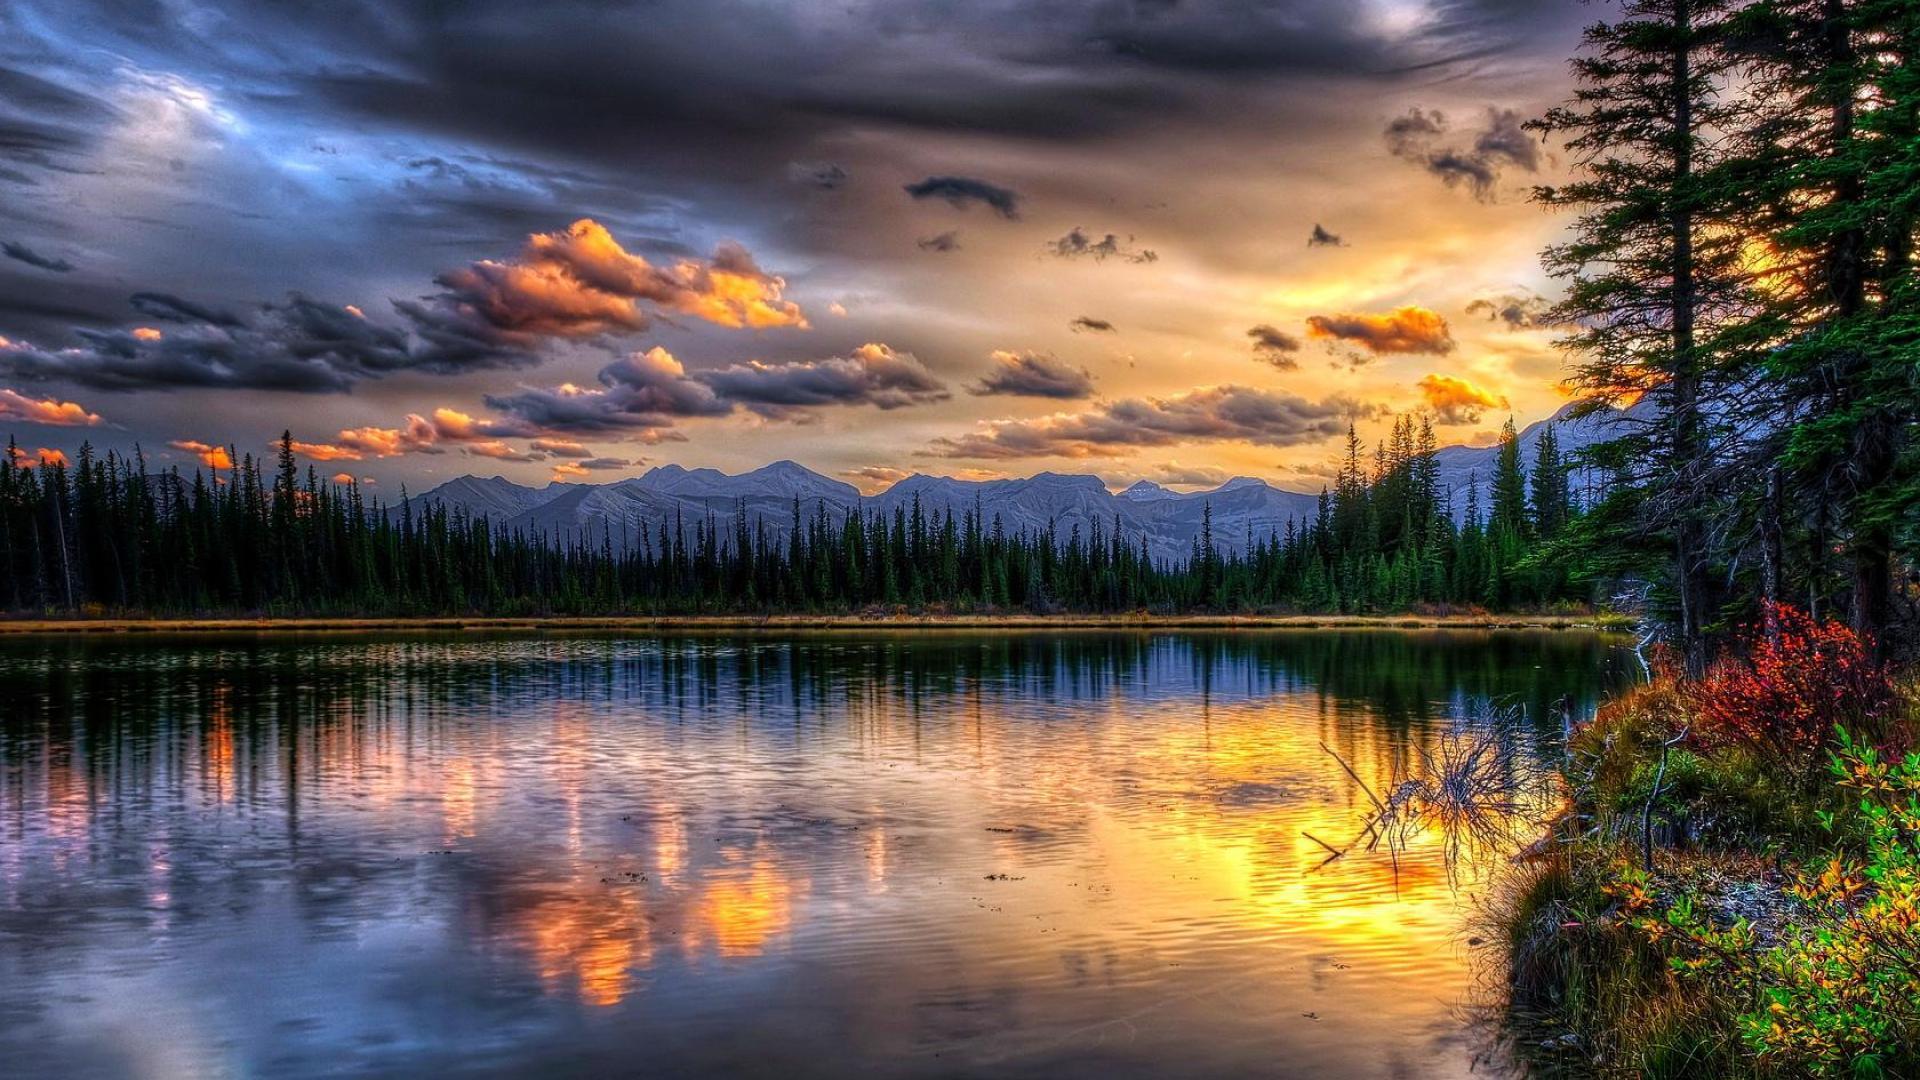 Hd Landscape Desktop Wallpapers Top Free Hd Landscape Desktop